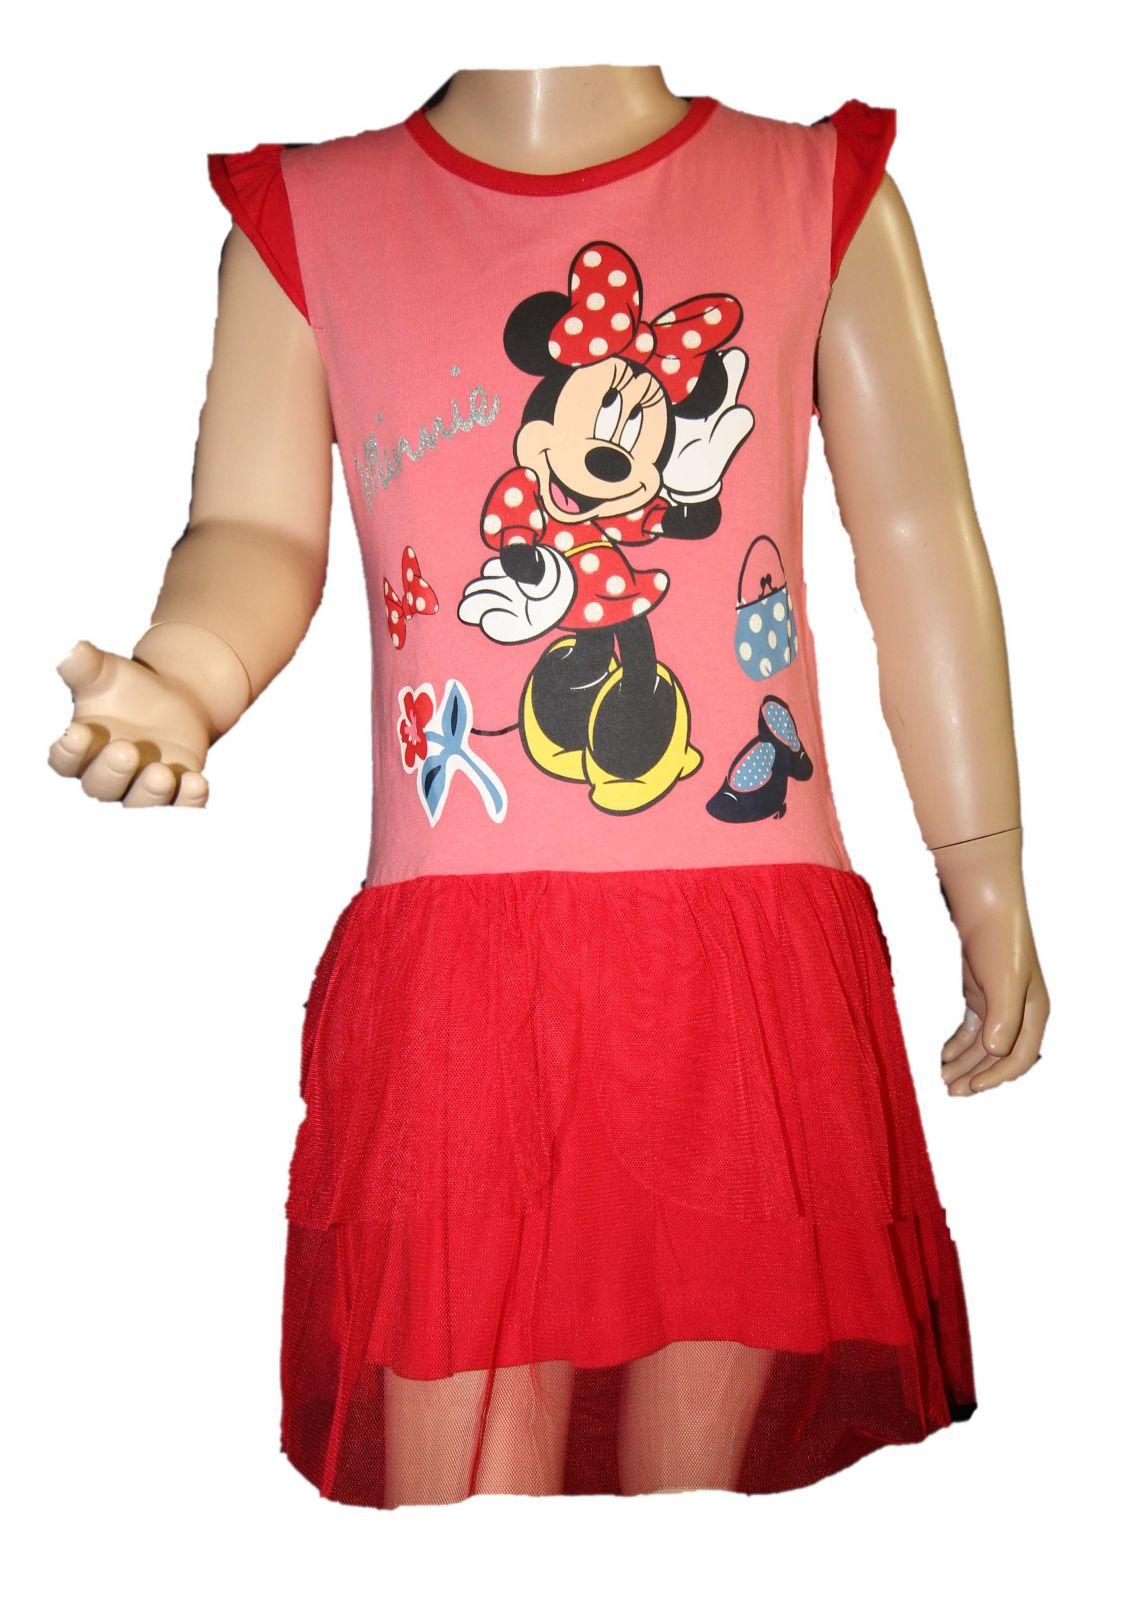 20cdfdf92168 Šaty s tylovou sukní MINNIE letní šaty Disney dívčí šaty Minnie